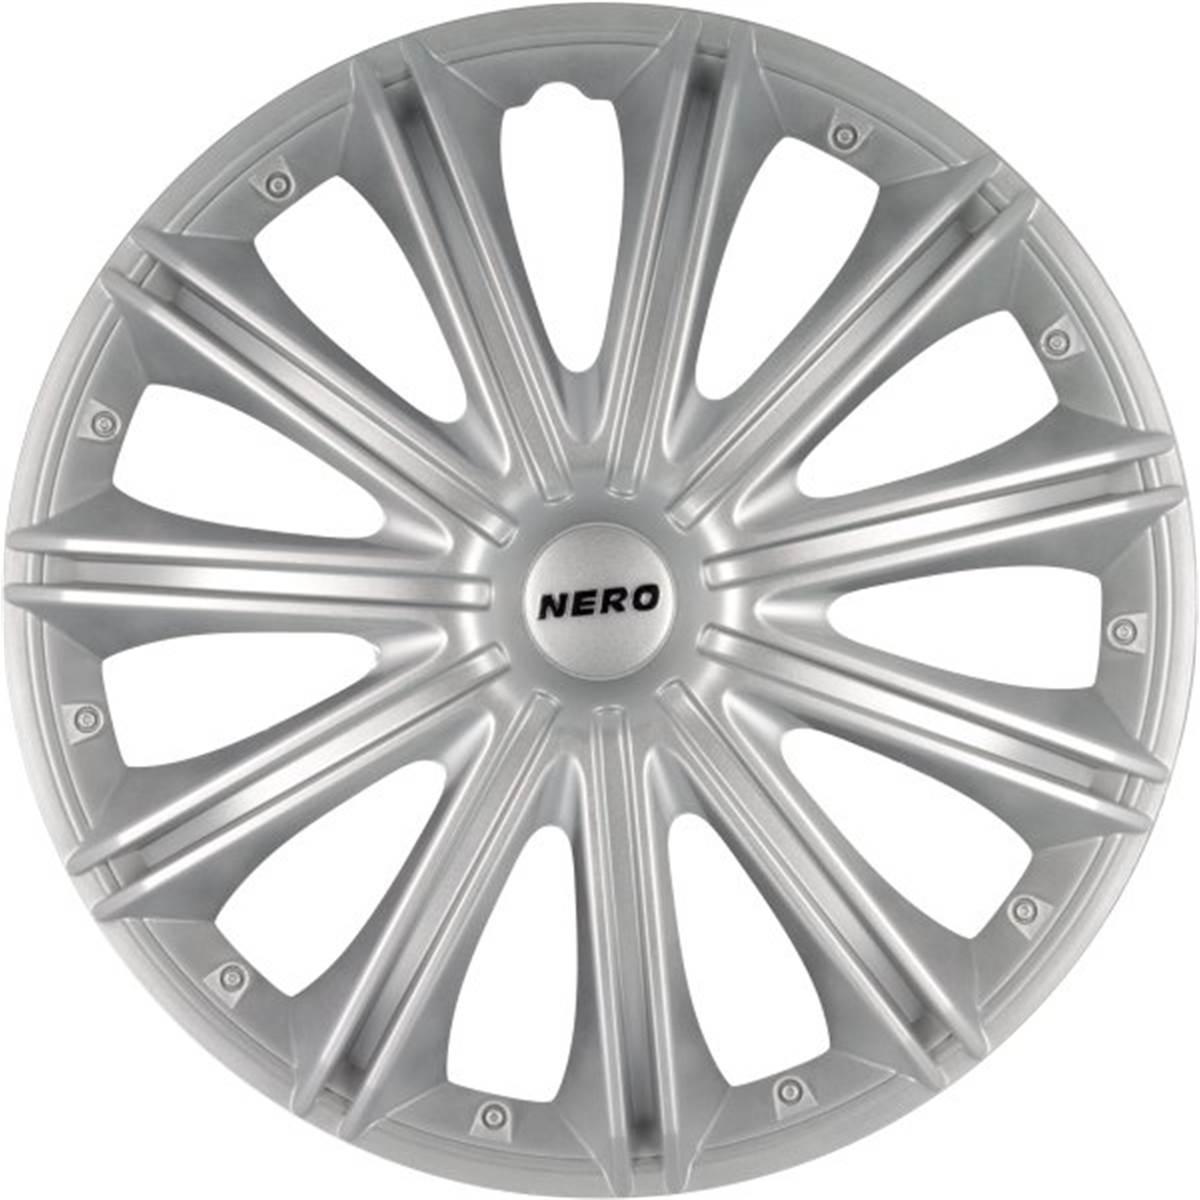 4 Enjoliveurs Nero pour roue de 15 pouces